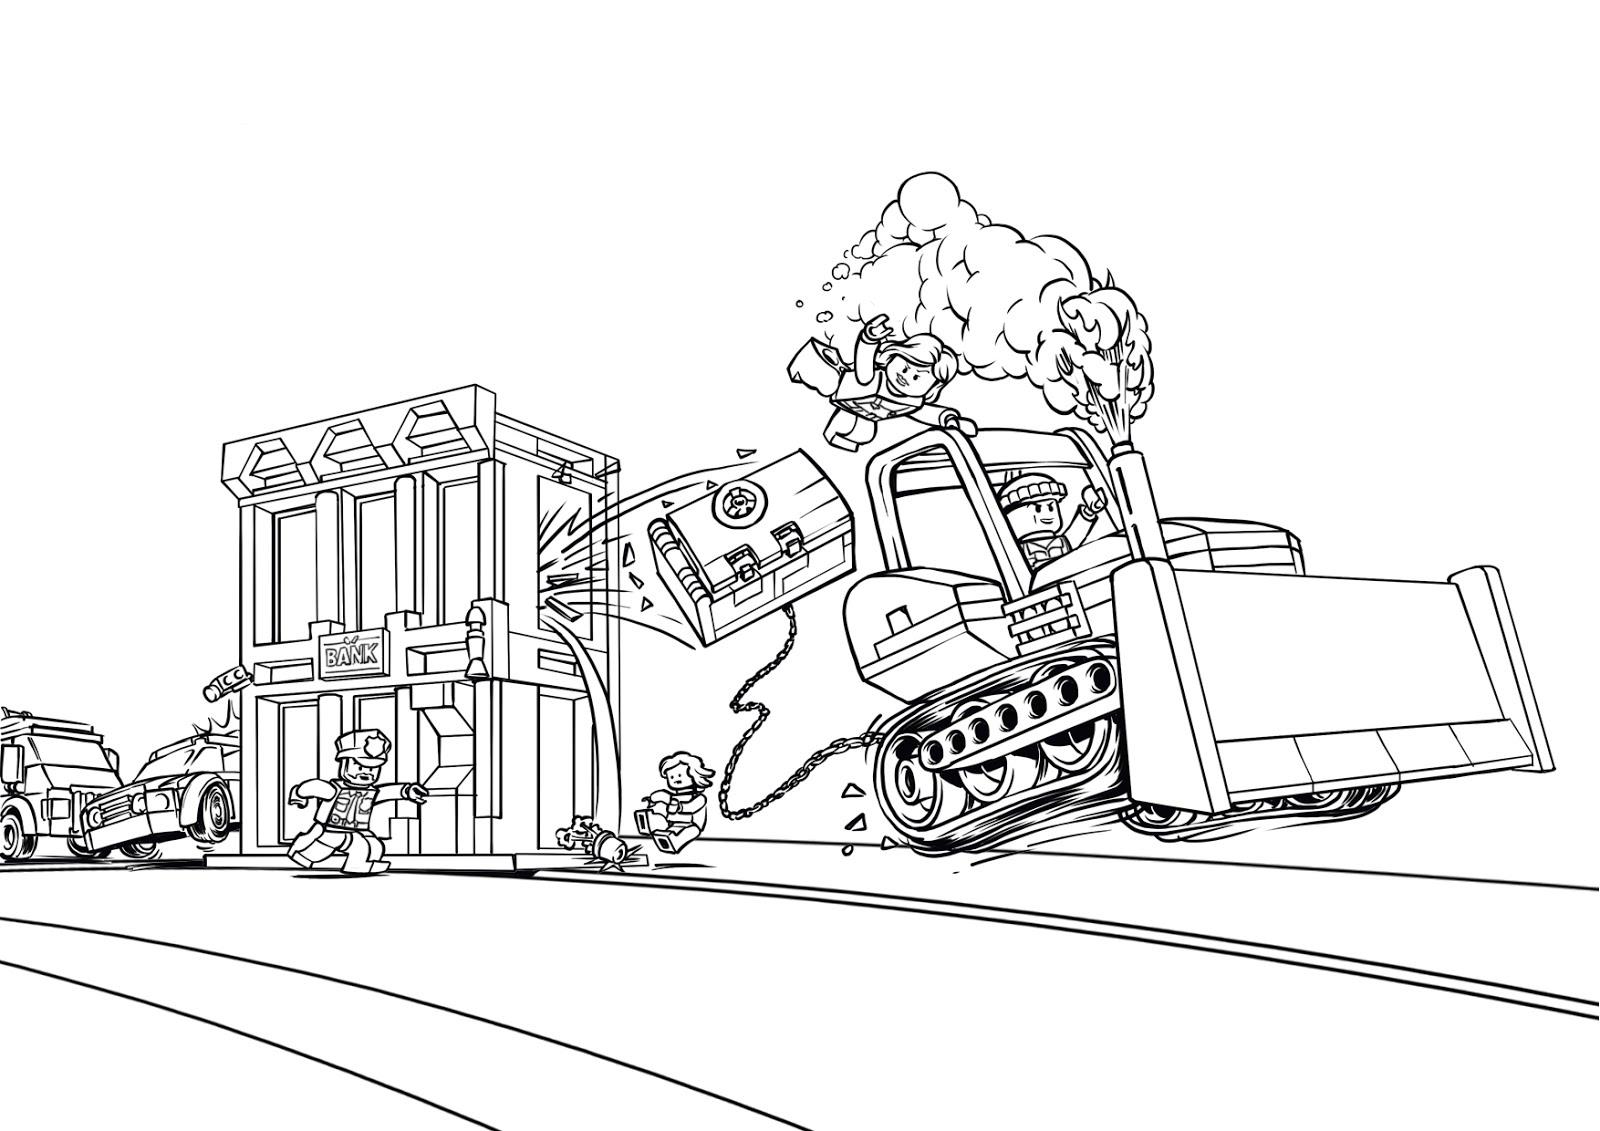 Lego City Ausmalbilder Kostenlos - Lego City zum Ausmalen ...